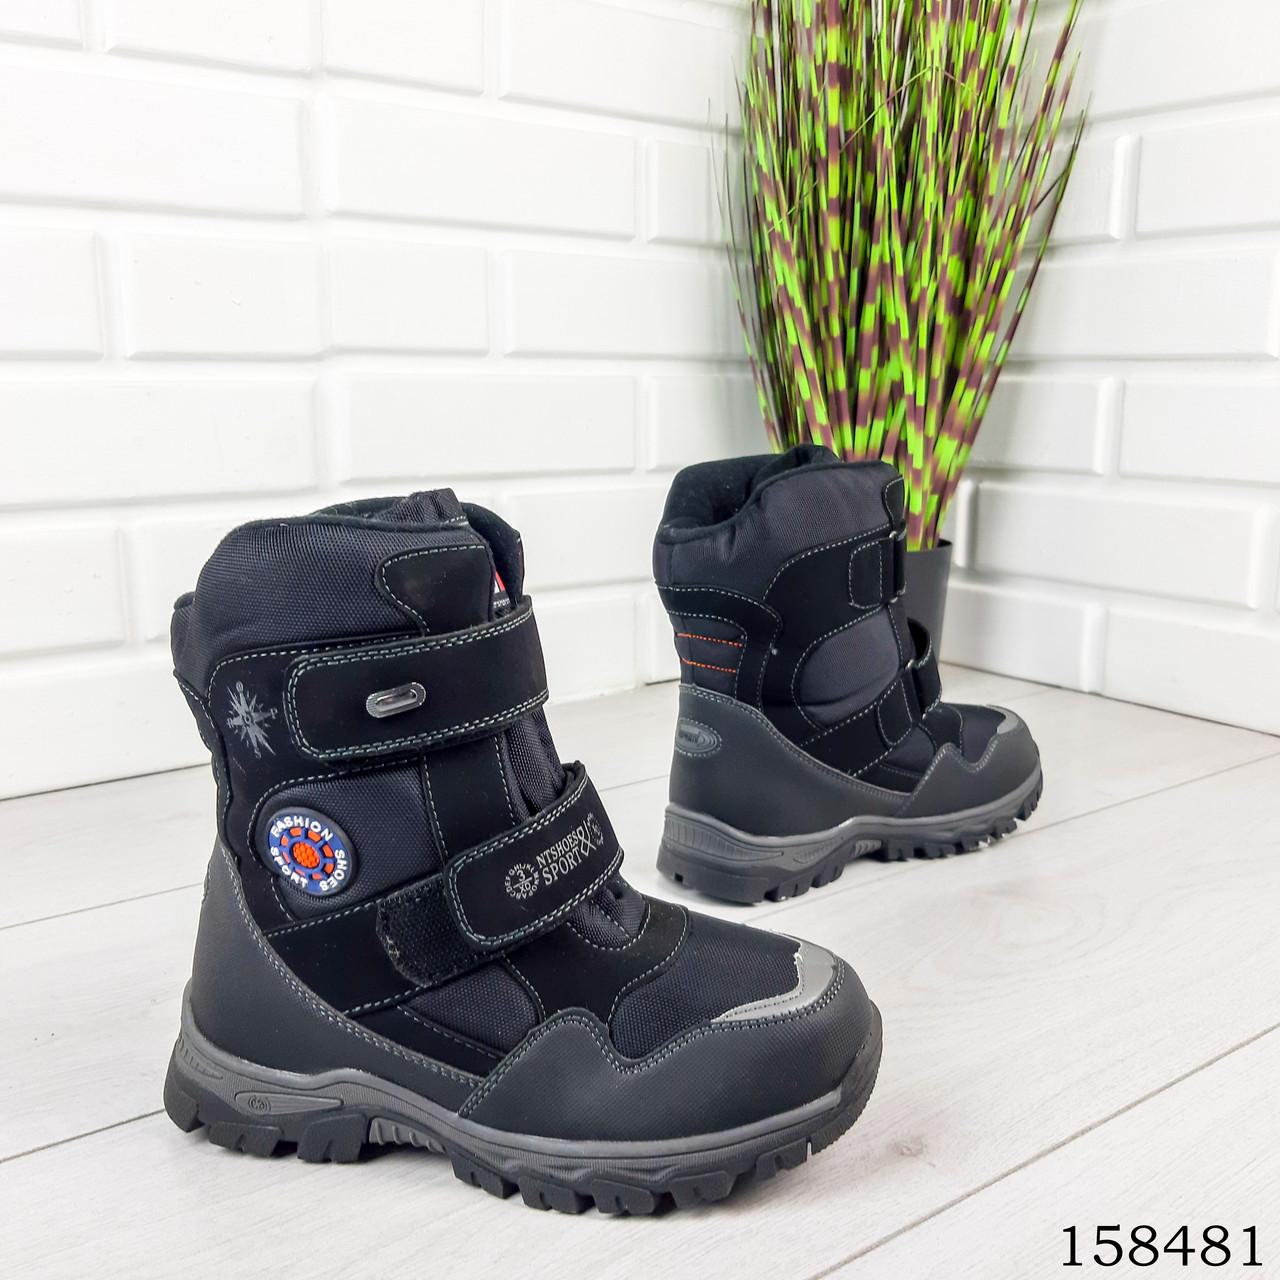 Детские, подростковые ботинки зимние на липучках, черного цвета из эко кожи, внутри теплый эко мех.